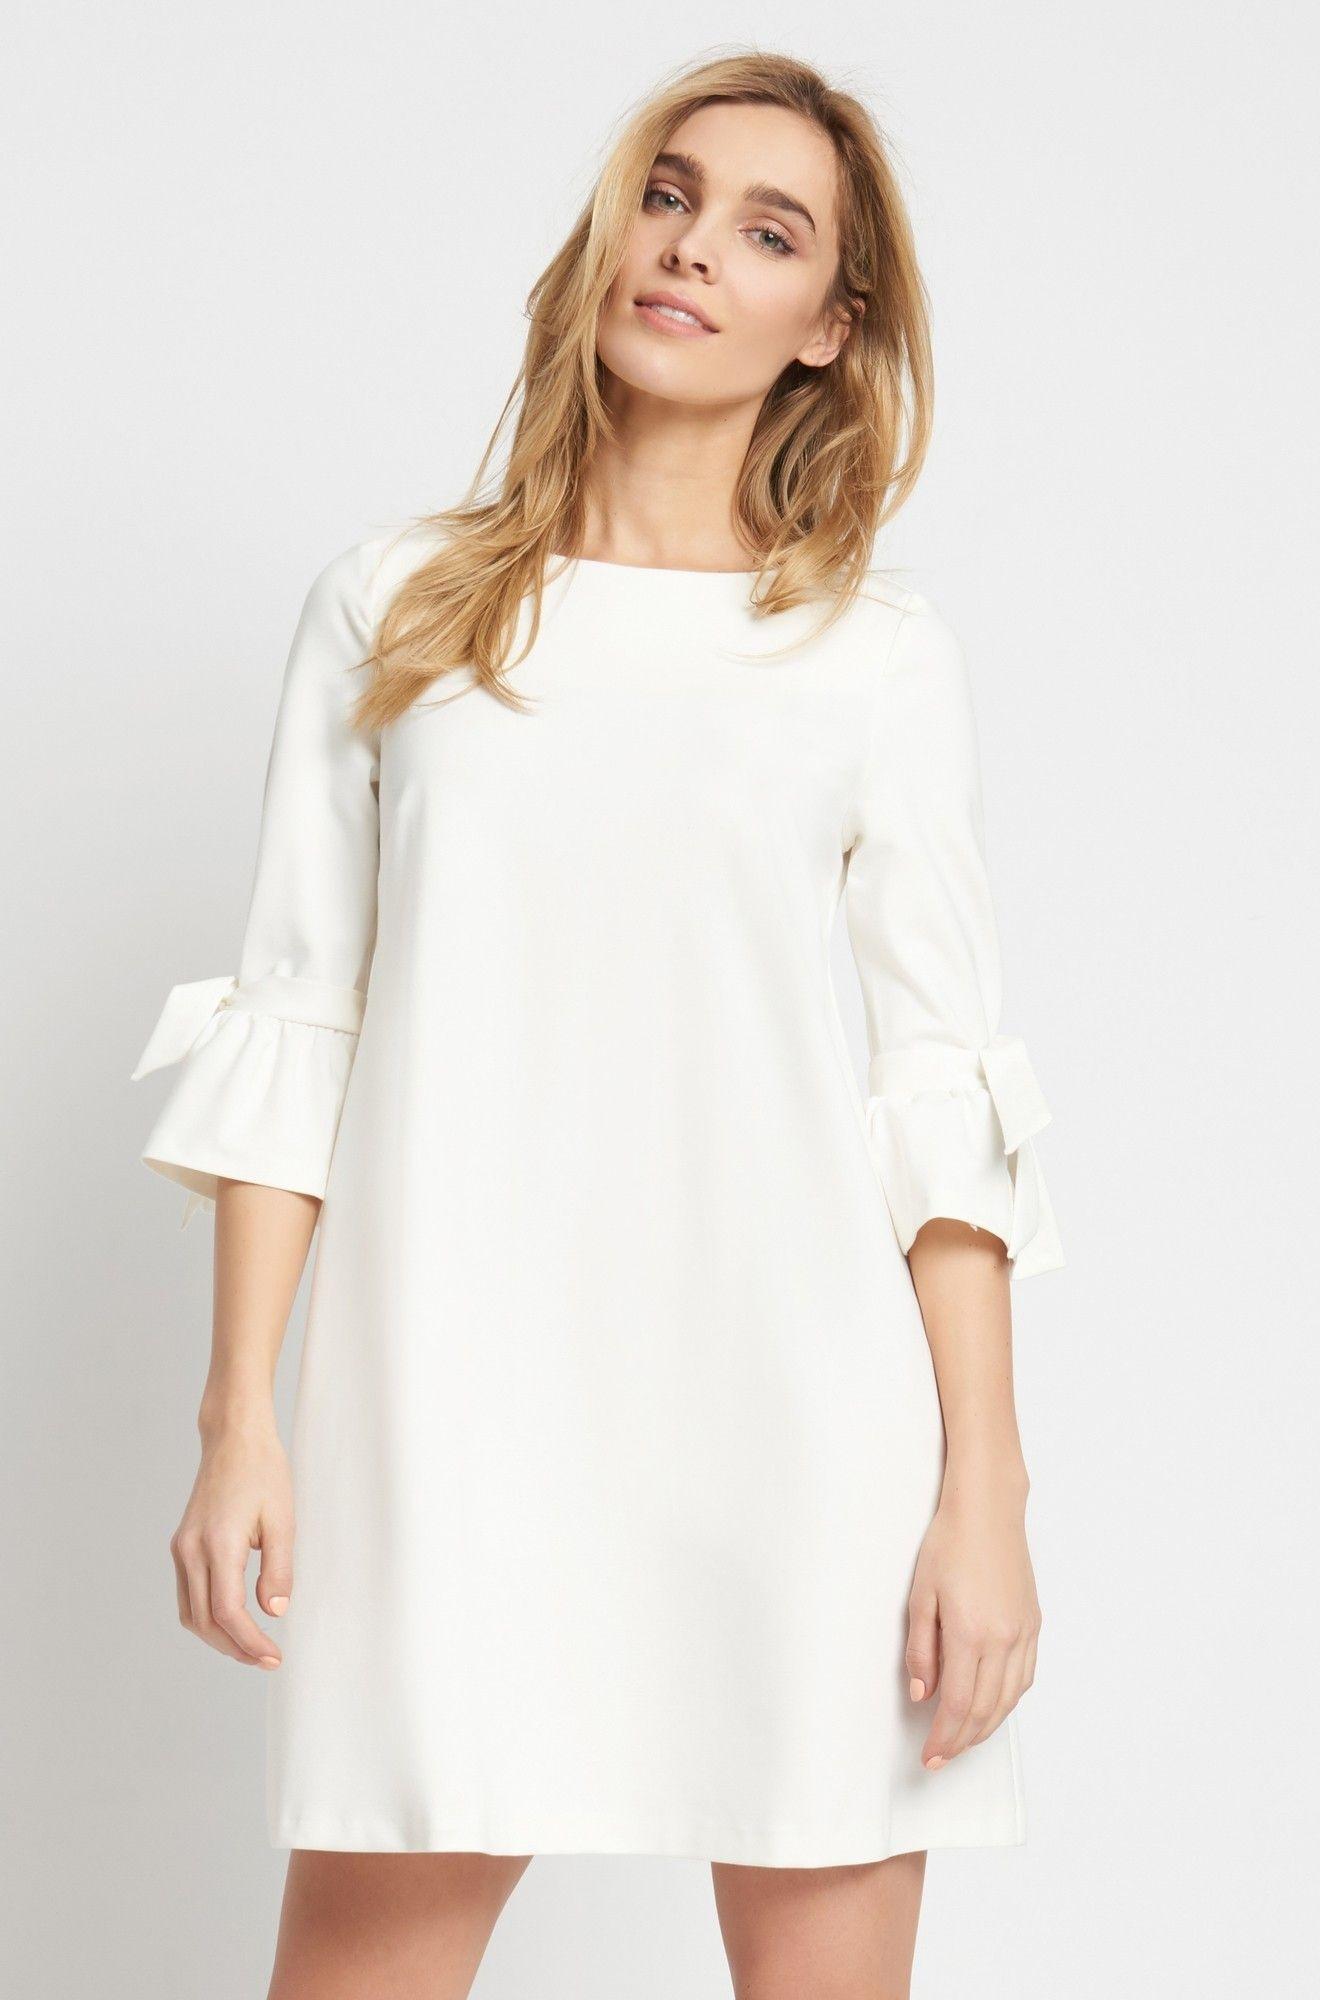 Schön Schöne Kleider Für Jeden Anlass Bester PreisAbend Einzigartig Schöne Kleider Für Jeden Anlass Design